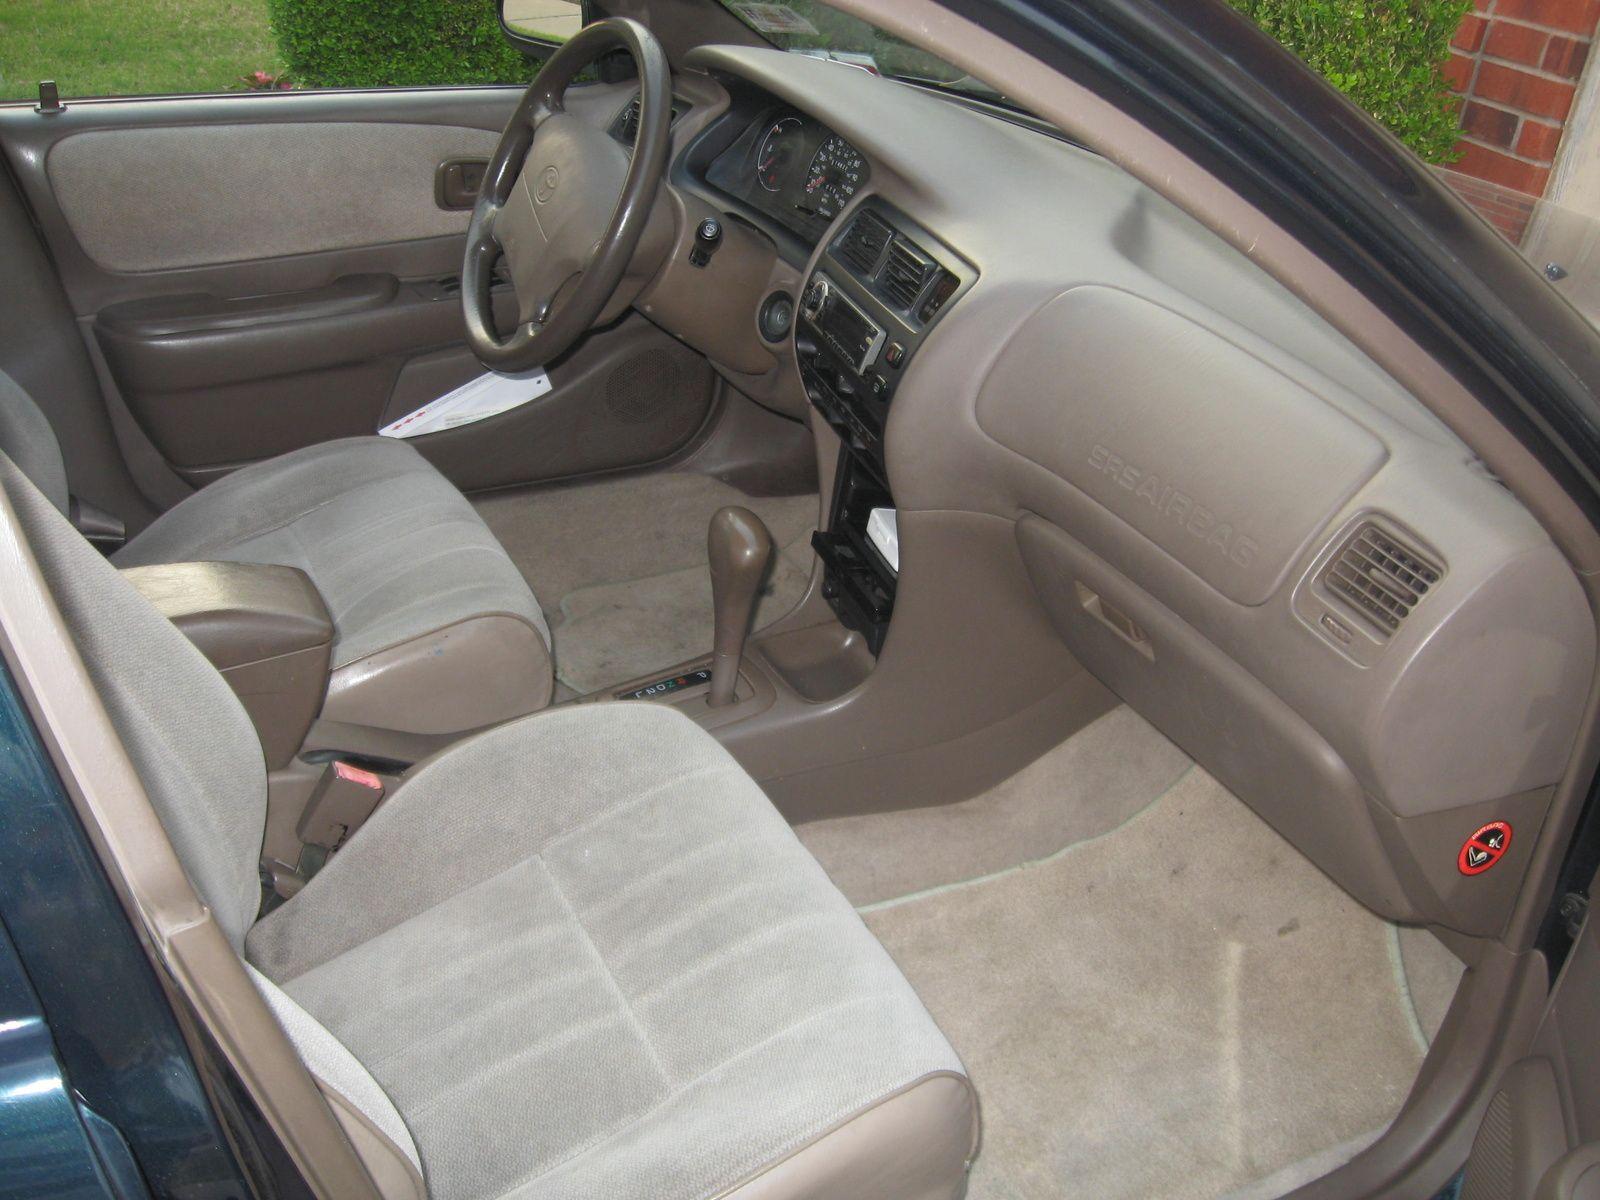 1997 toyota corolla interior corolla ce picture of 1997 rh pinterest com